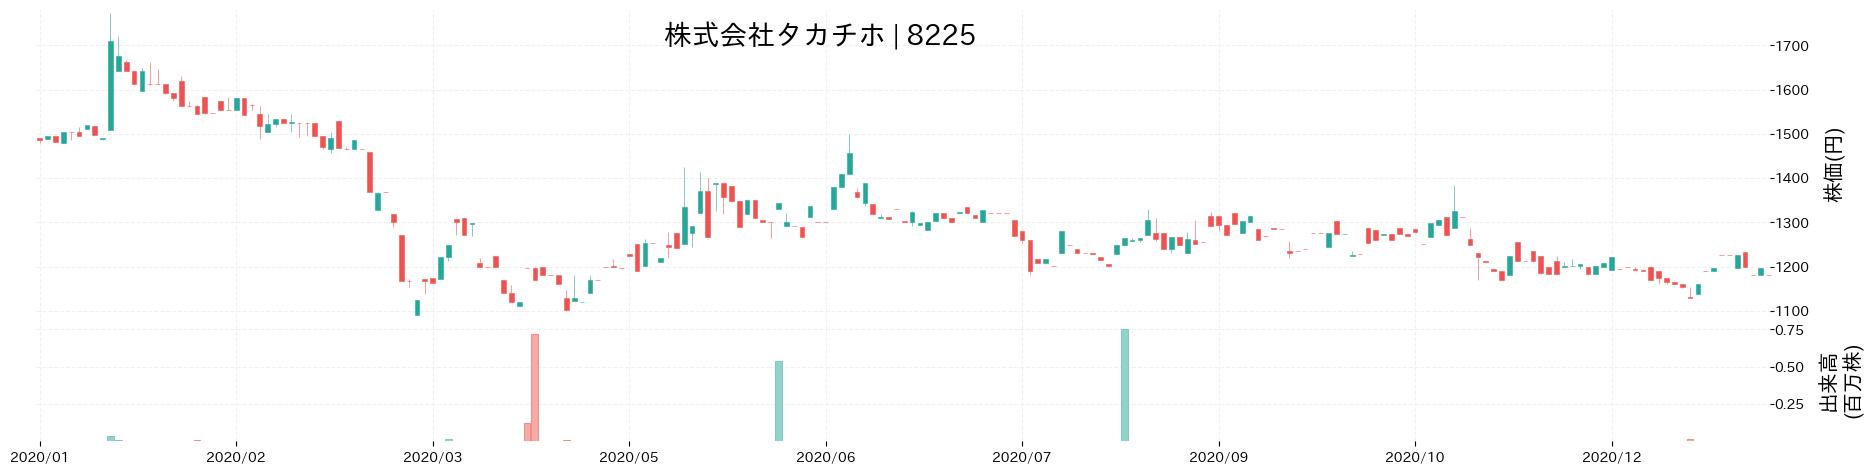 株式会社タカチホの株価推移(2020)